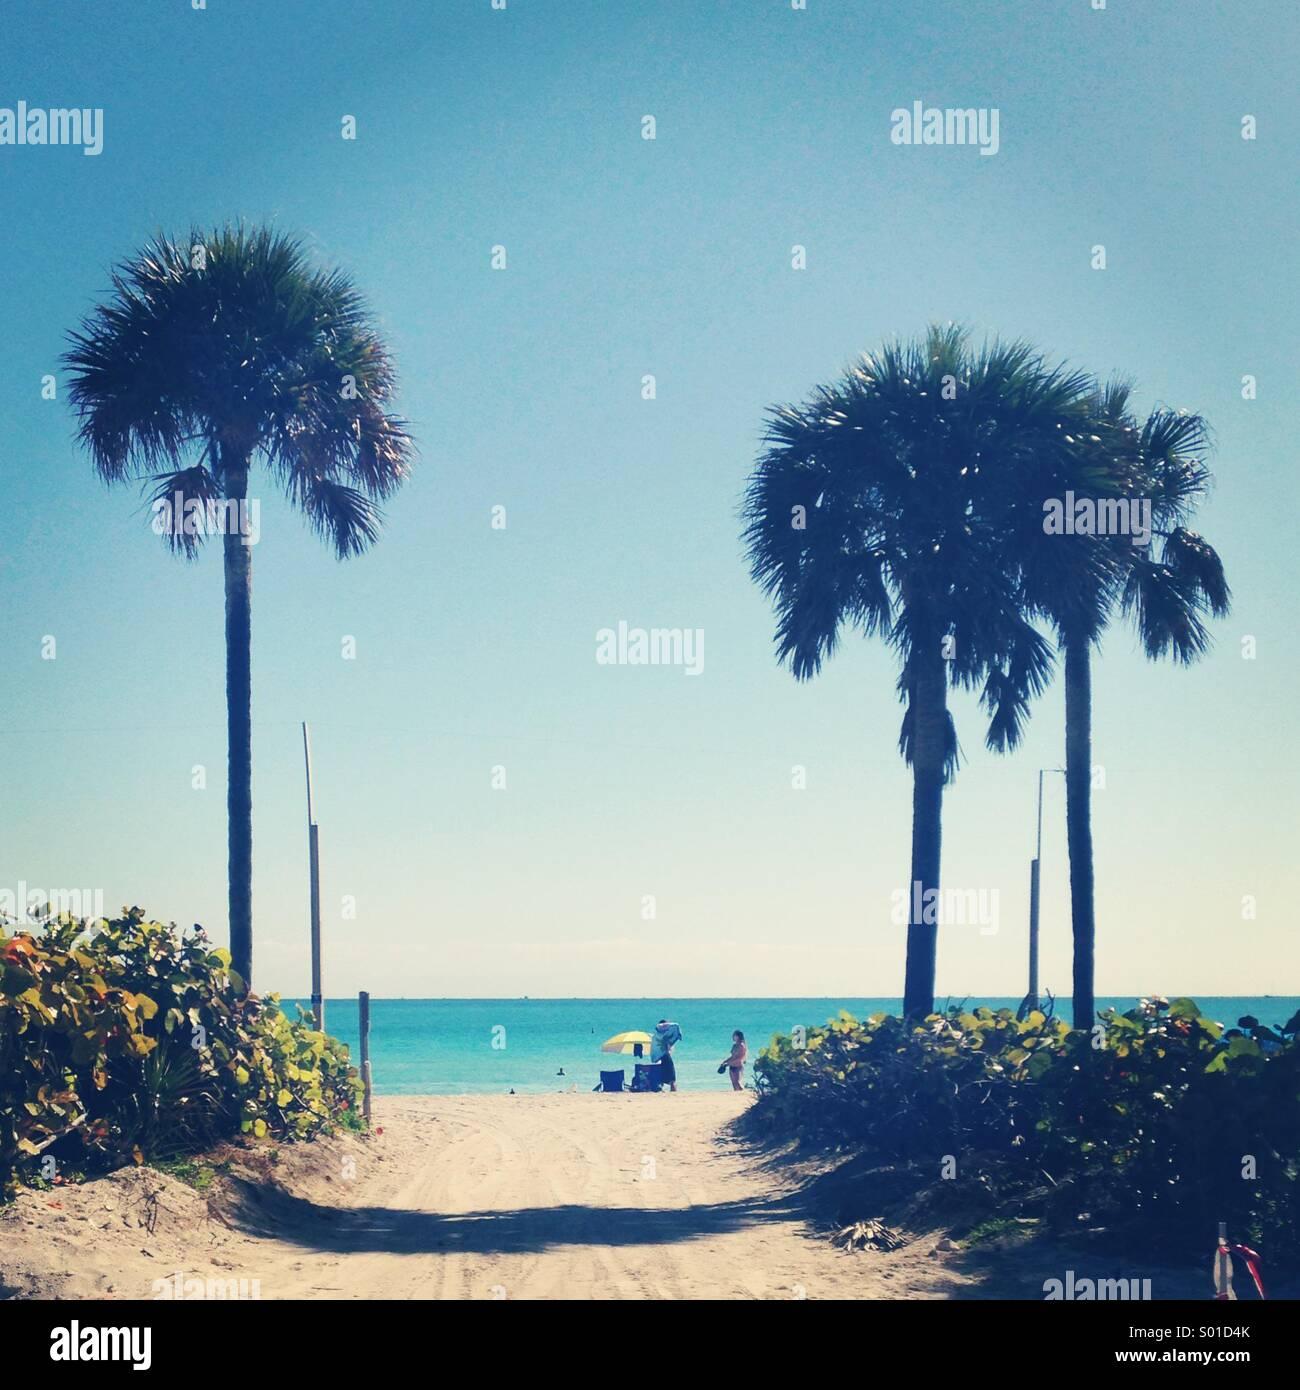 Miami beach Photo Stock